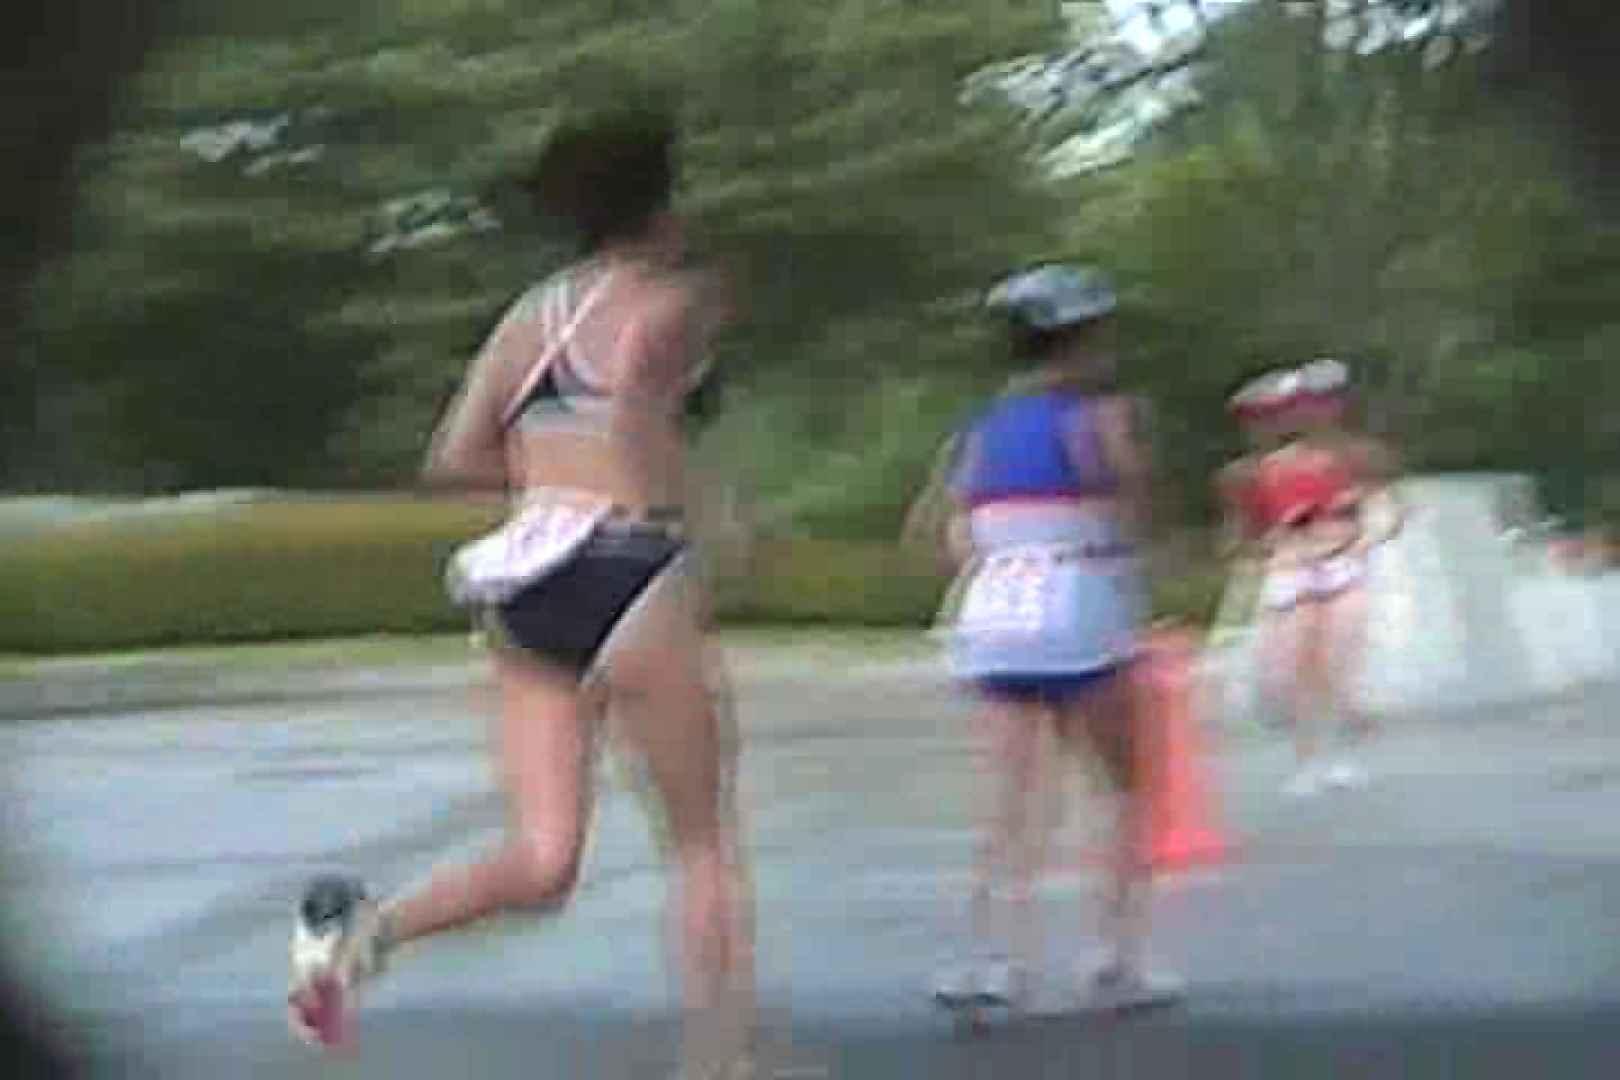 鉄人レース!!トライアスロンに挑む女性達!!Vol.4 貧乳 | 乳首  46PICs 10